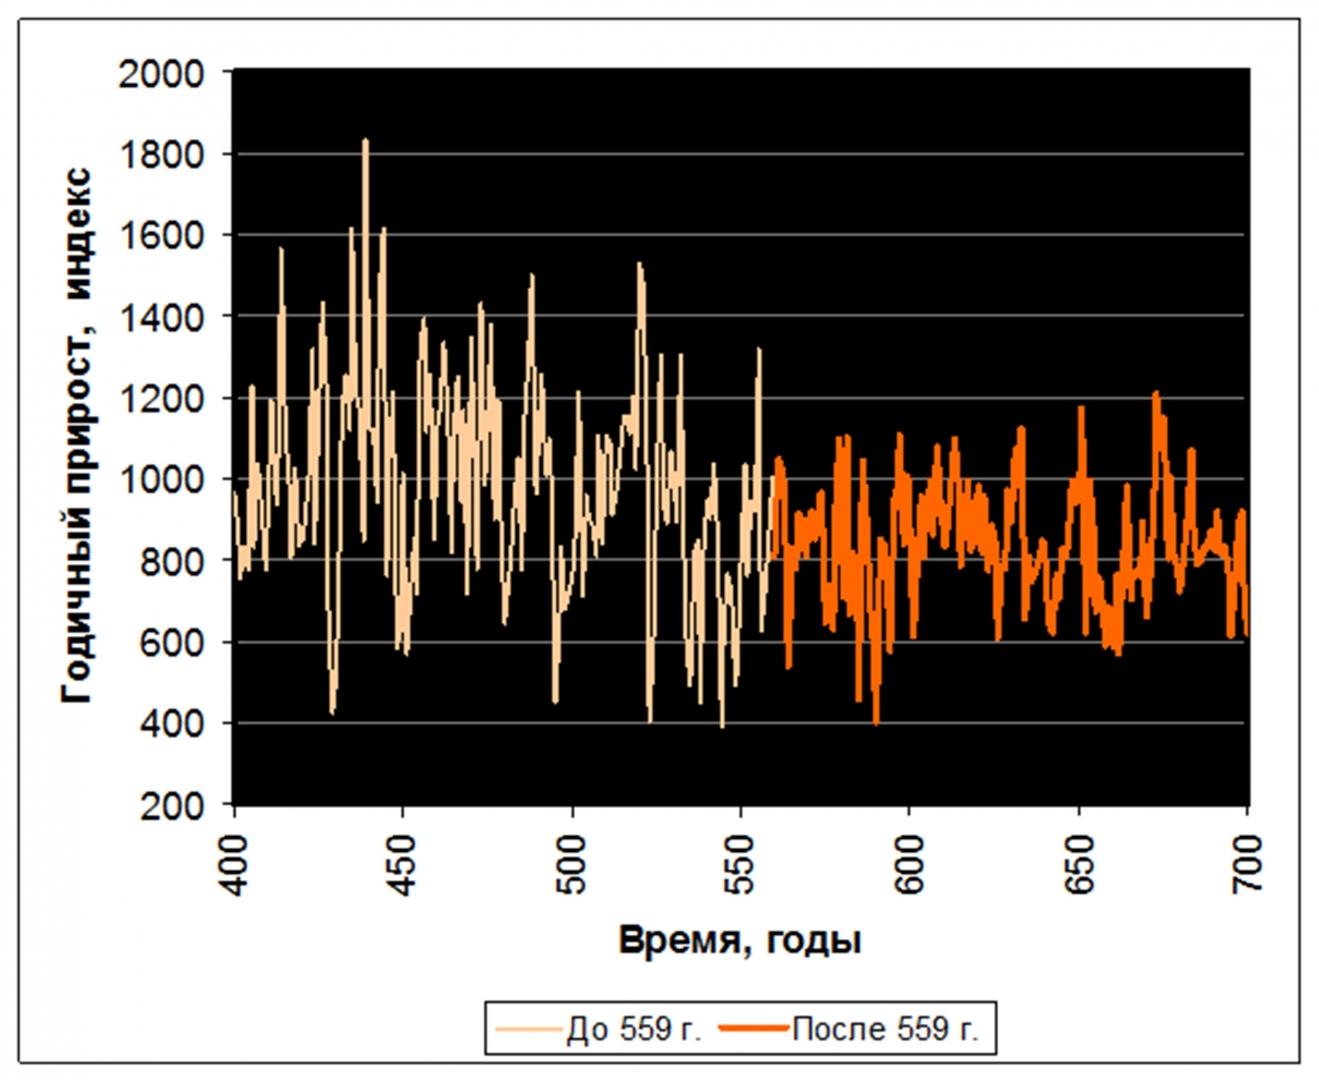 Рис. 7. Прирост патагонского кипариса в местообитании Puero Café (Аргентина). Источник: по данным R.Villalba (The International Tree-Ring Data Bank)